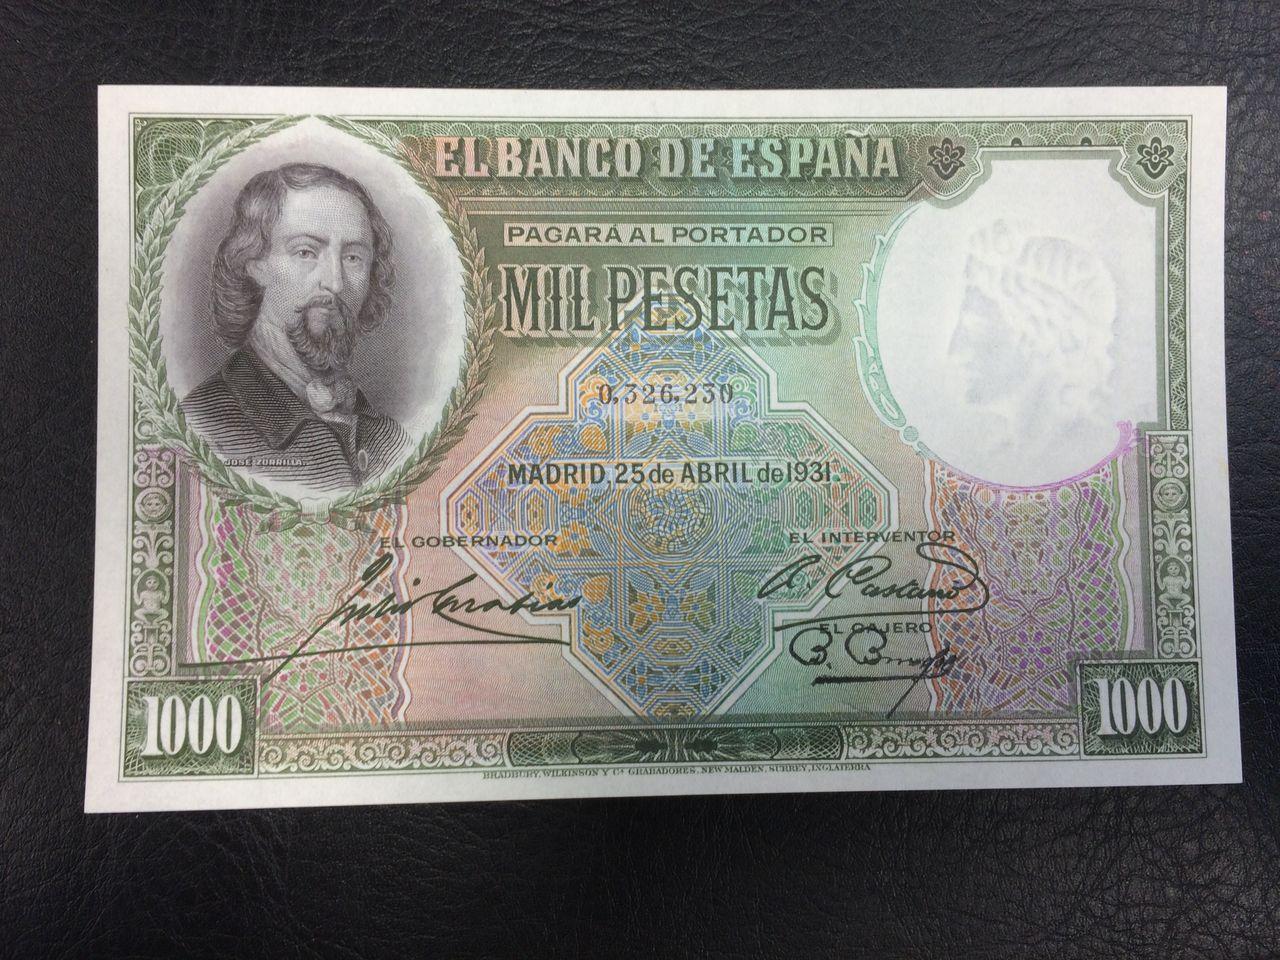 1000 Pesetas 1931 (Zorrilla. capicúa!!) Image